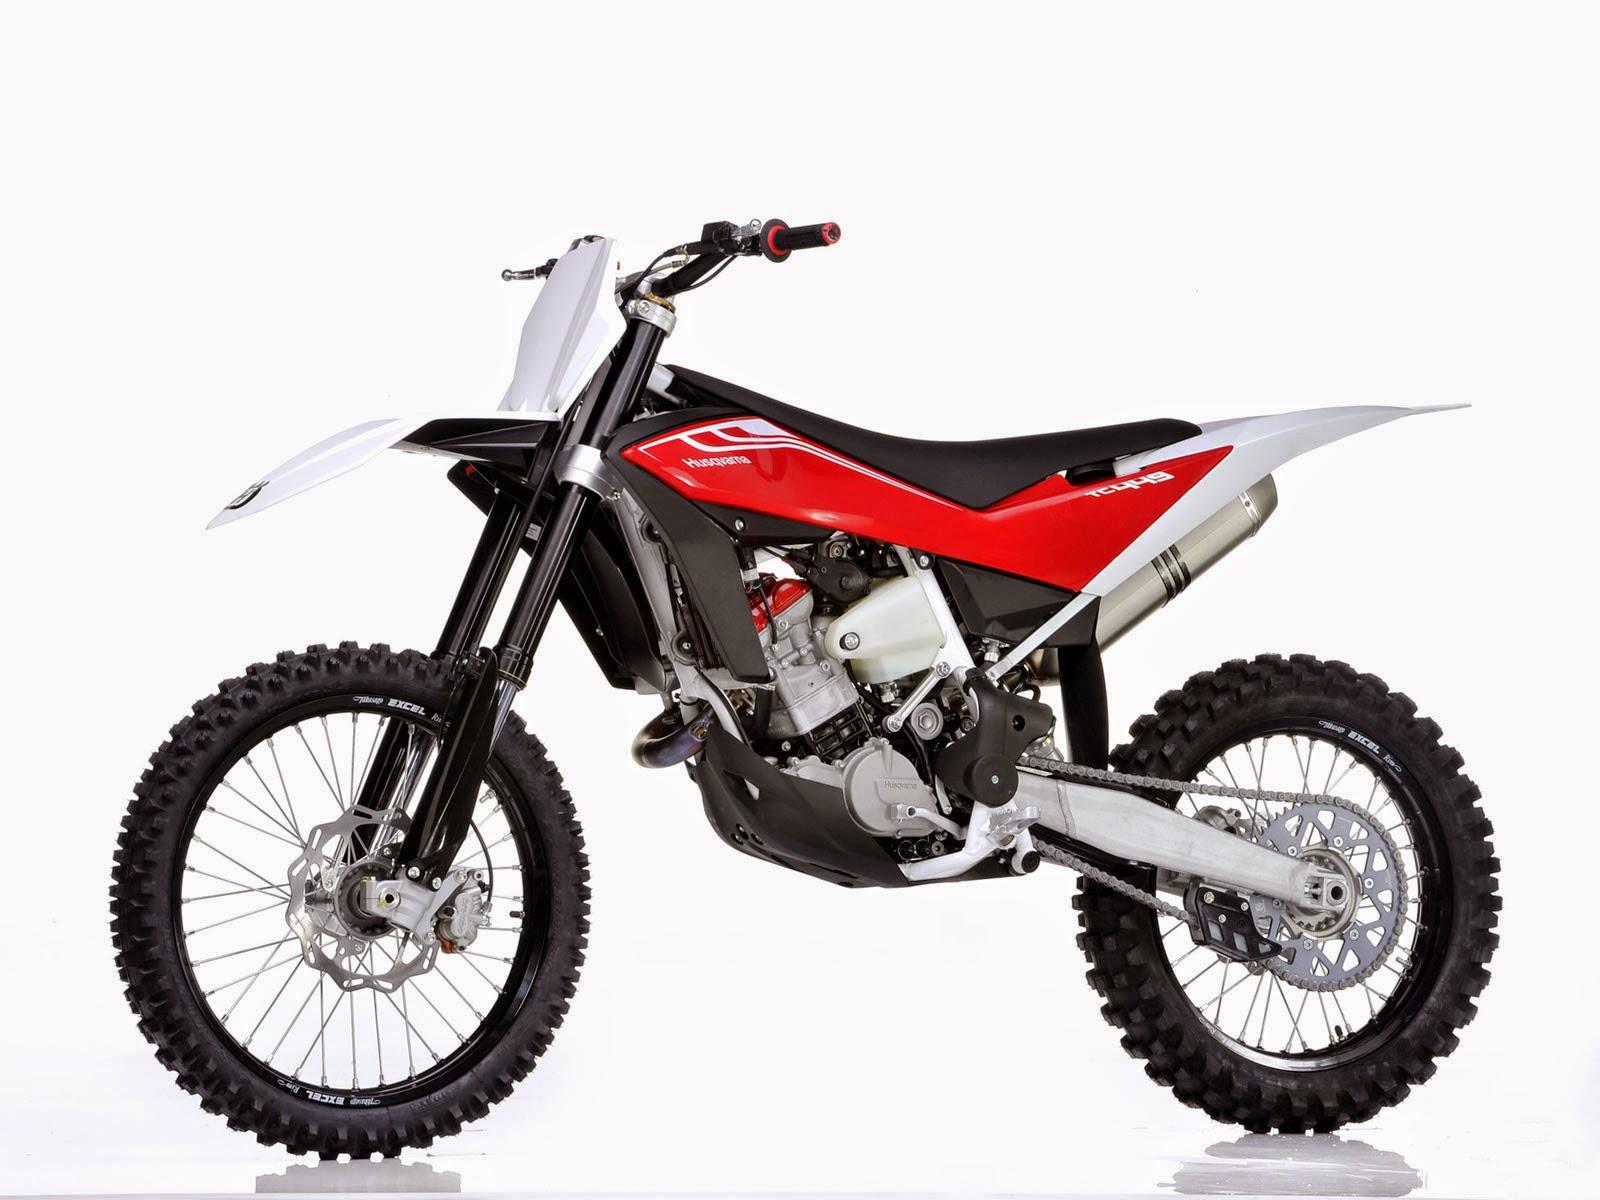 Modifikasi-Thunder-Jadi-Harley-modifikasi-motor-bebek-jadi-harley-1801 ...